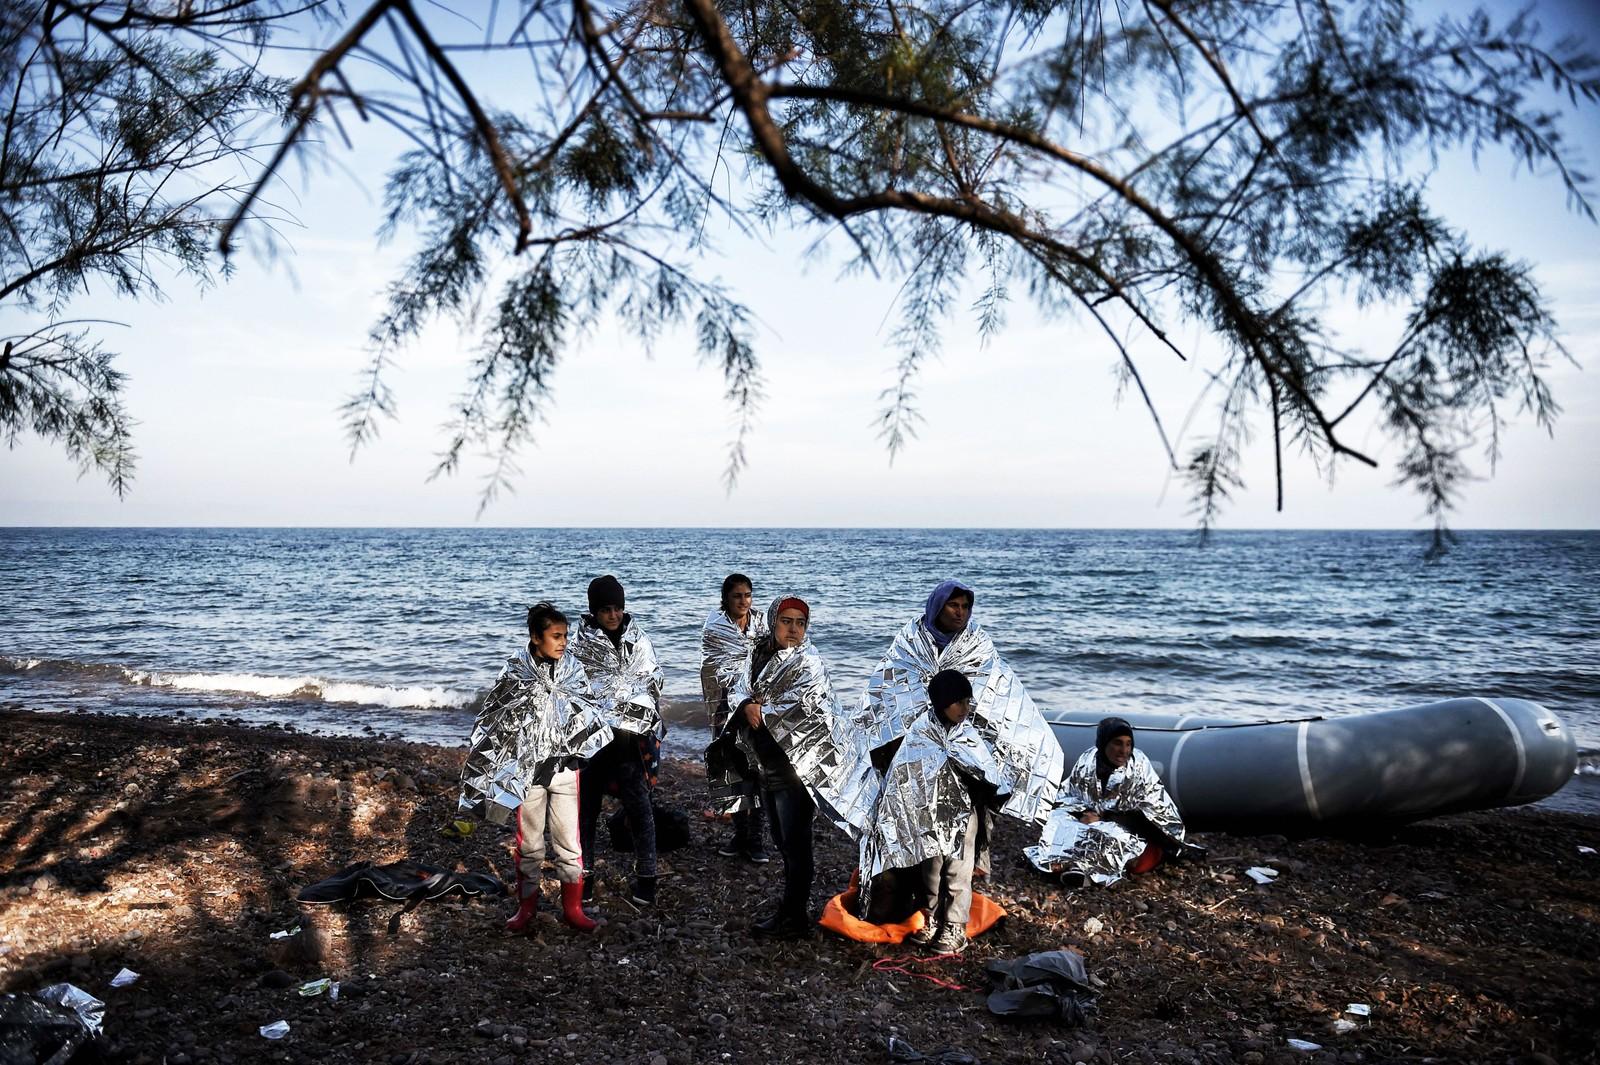 Overlevende på Lesvos etter å ha krysset havet fra Tyrkia i en gummibåt 8. desember 2015. Minst seks afganske barn døde den dagen da gummibåten de satt i, sank på veien til den greske øya.